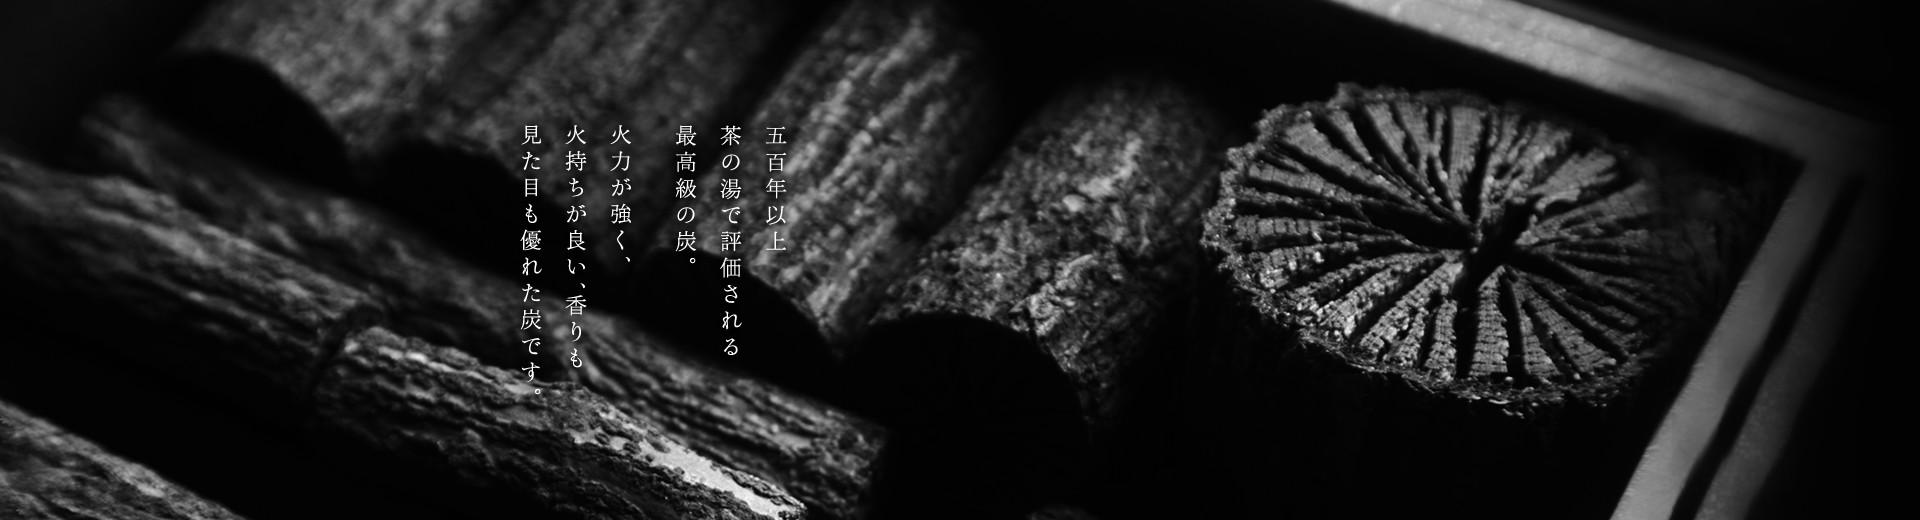 五百年以上茶の湯で評価される最高級の炭。 火力が強く、火持ちが良い、香りも見た目も優れた炭です。